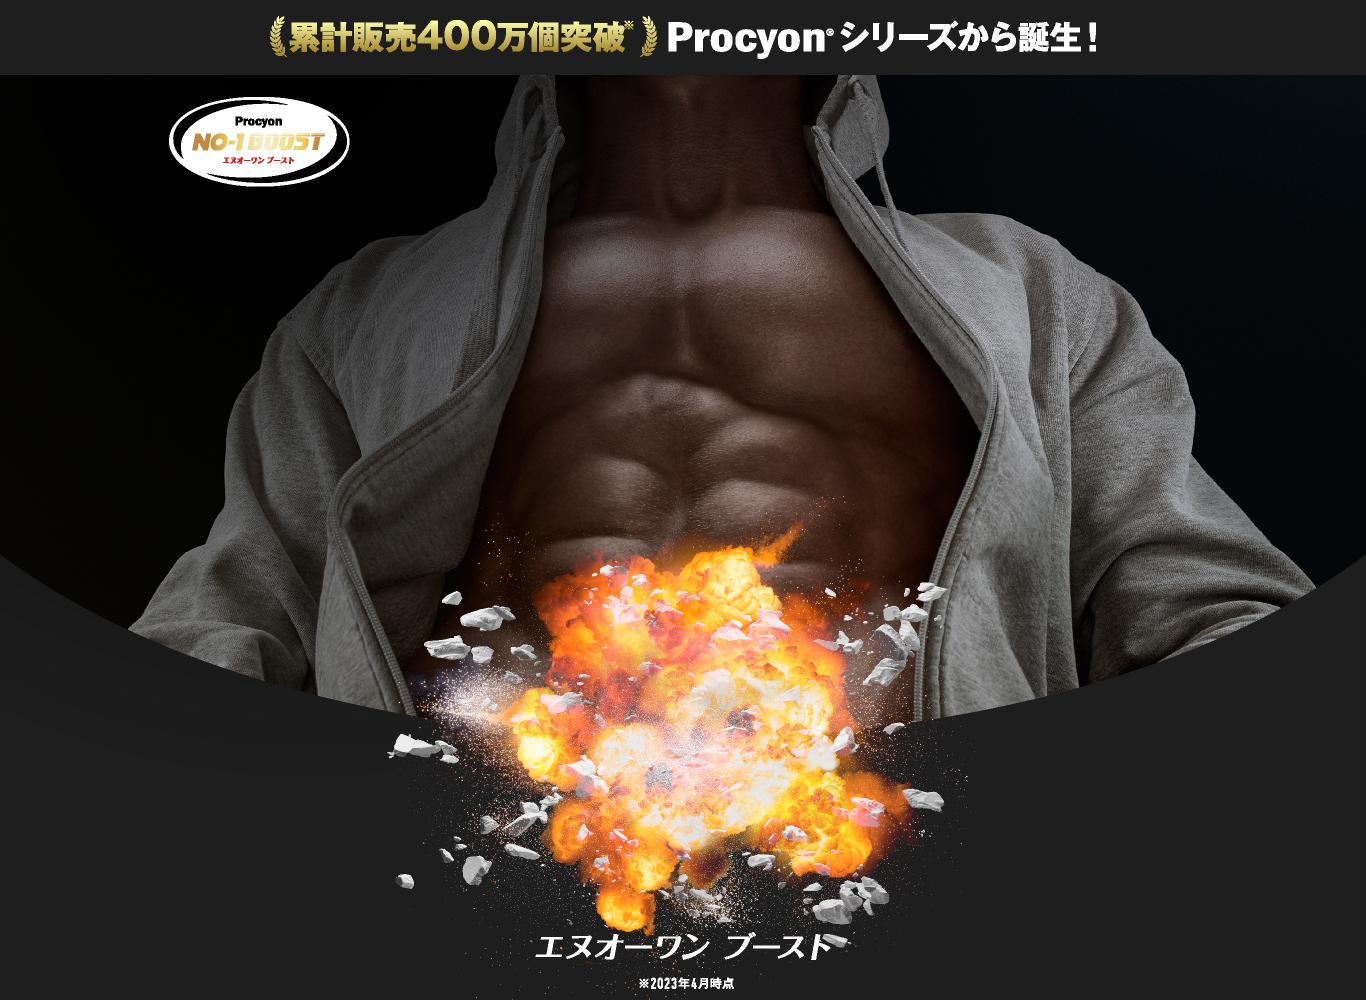 累計販売100万個突破 Procyonシリーズから誕生!